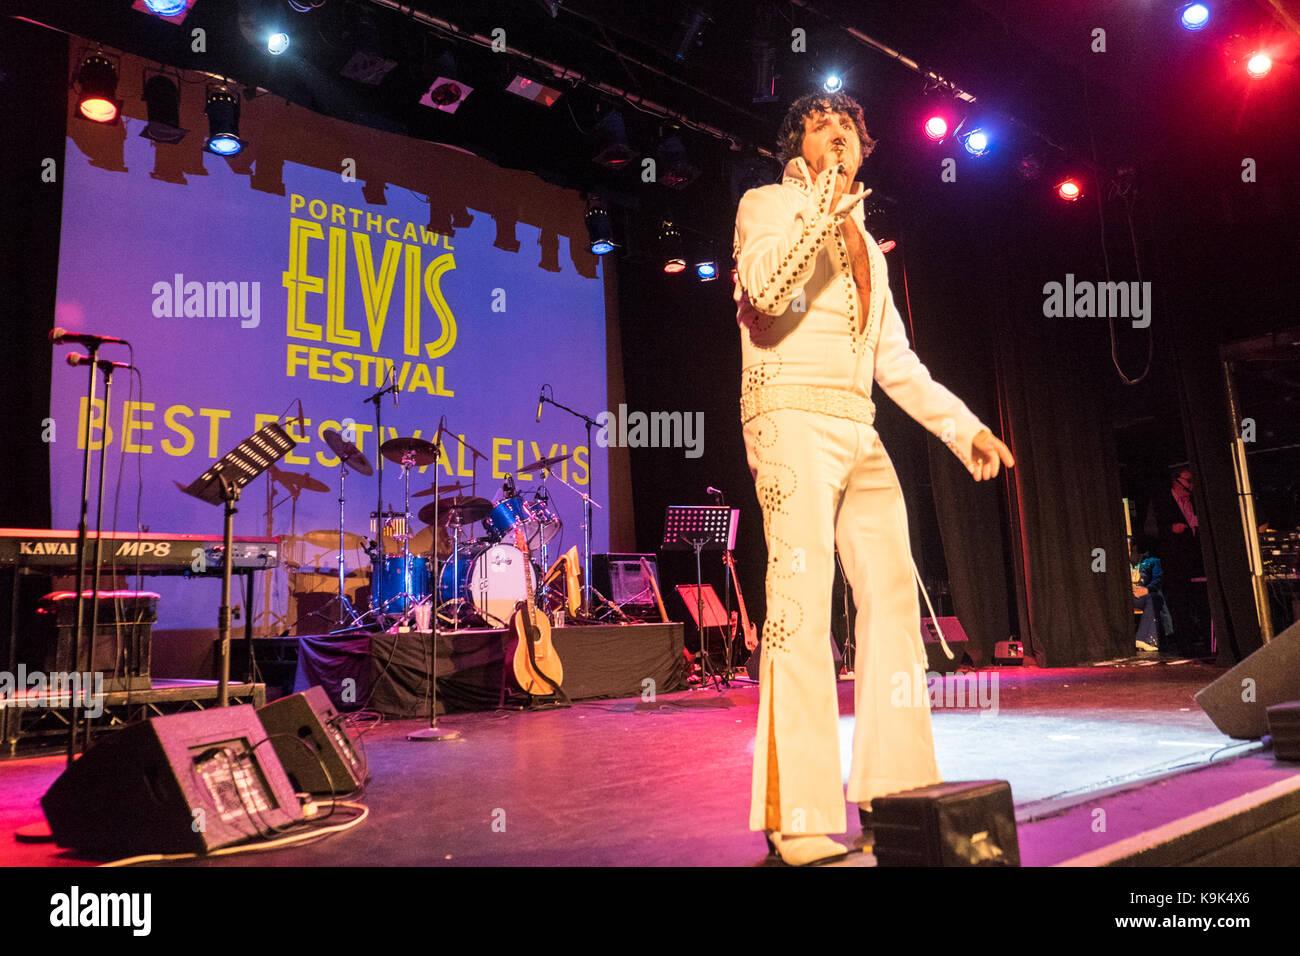 Au pavillon,Grand,Porthcawl, Pays de Galles, Royaume-Uni. 23 Septembre, 2017. Festival Elvis à Porthcawl, Sud, Photo Stock